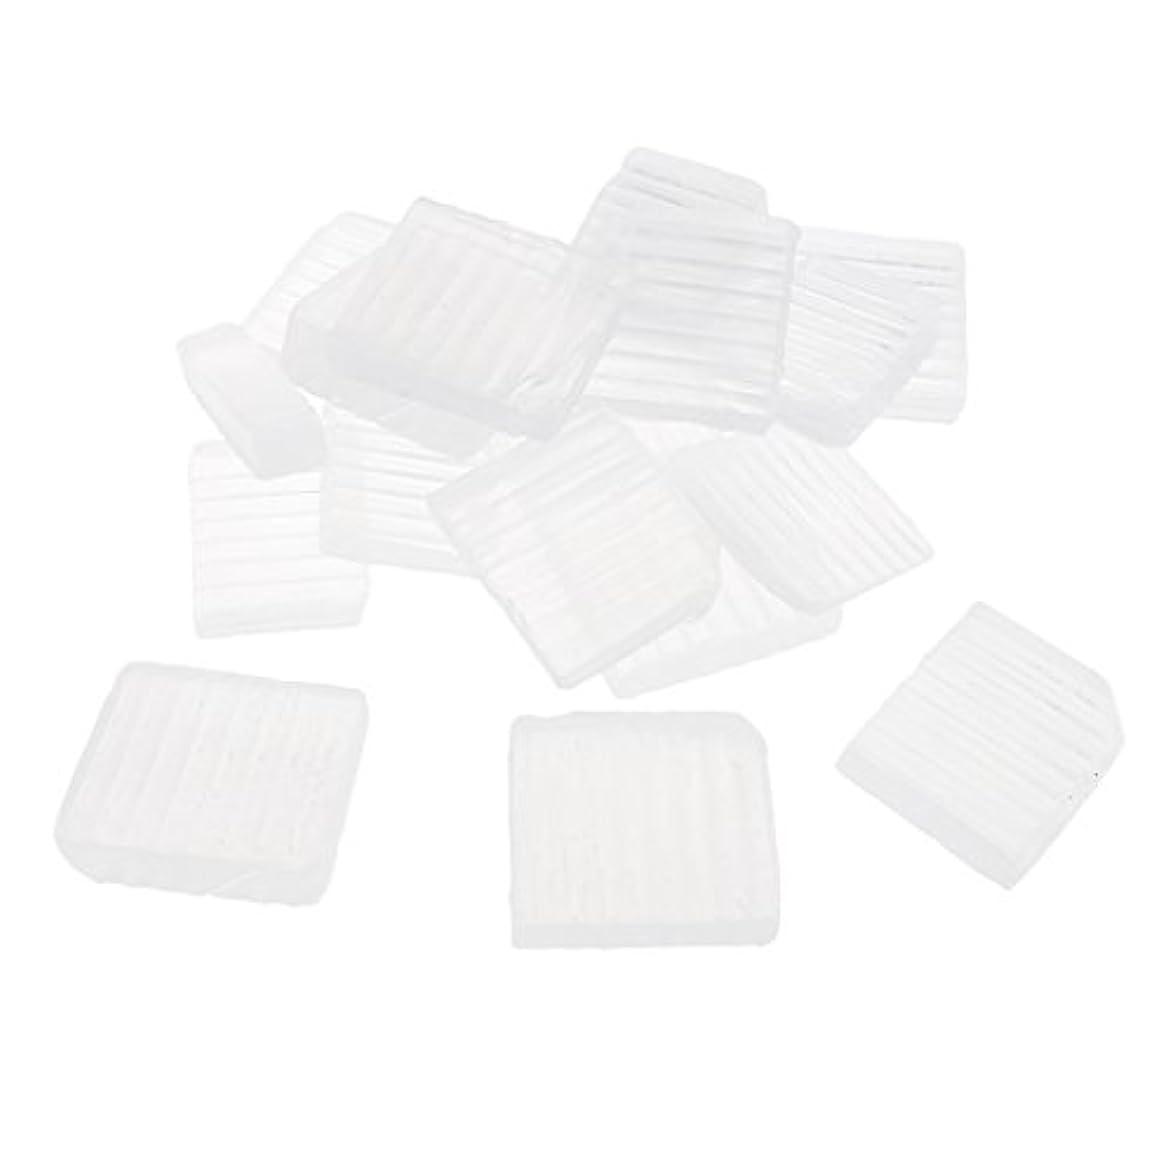 遺棄されたコストぼんやりした透明 石鹸ベース DIY 手作り 石鹸 約1 KG